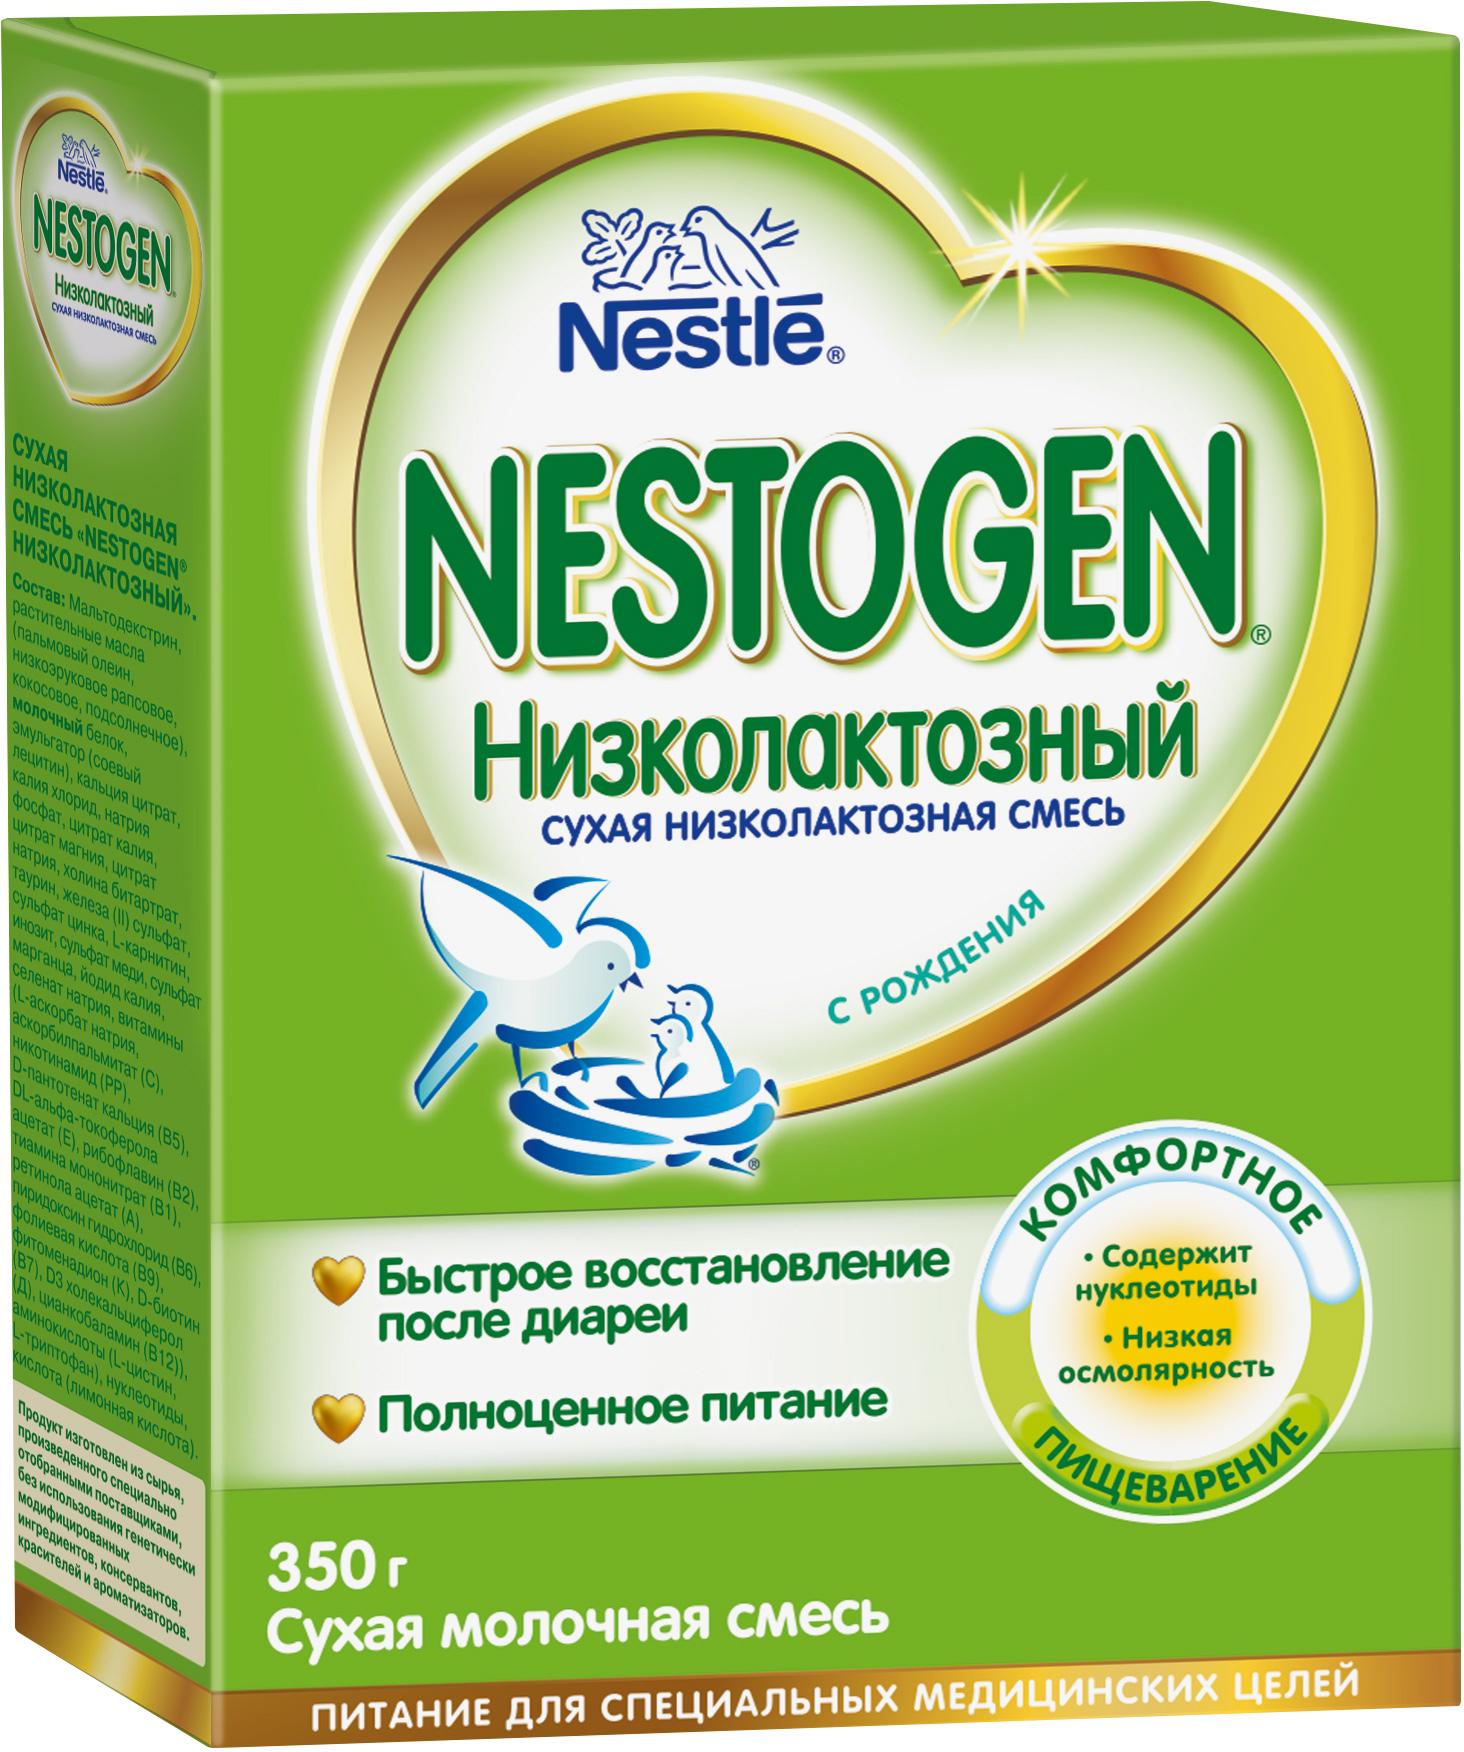 Молочная смесь Nestle Nestogen (Nestlé) Низколактозный (с рождения) 350 г смесь компотная с шиповником 350 г